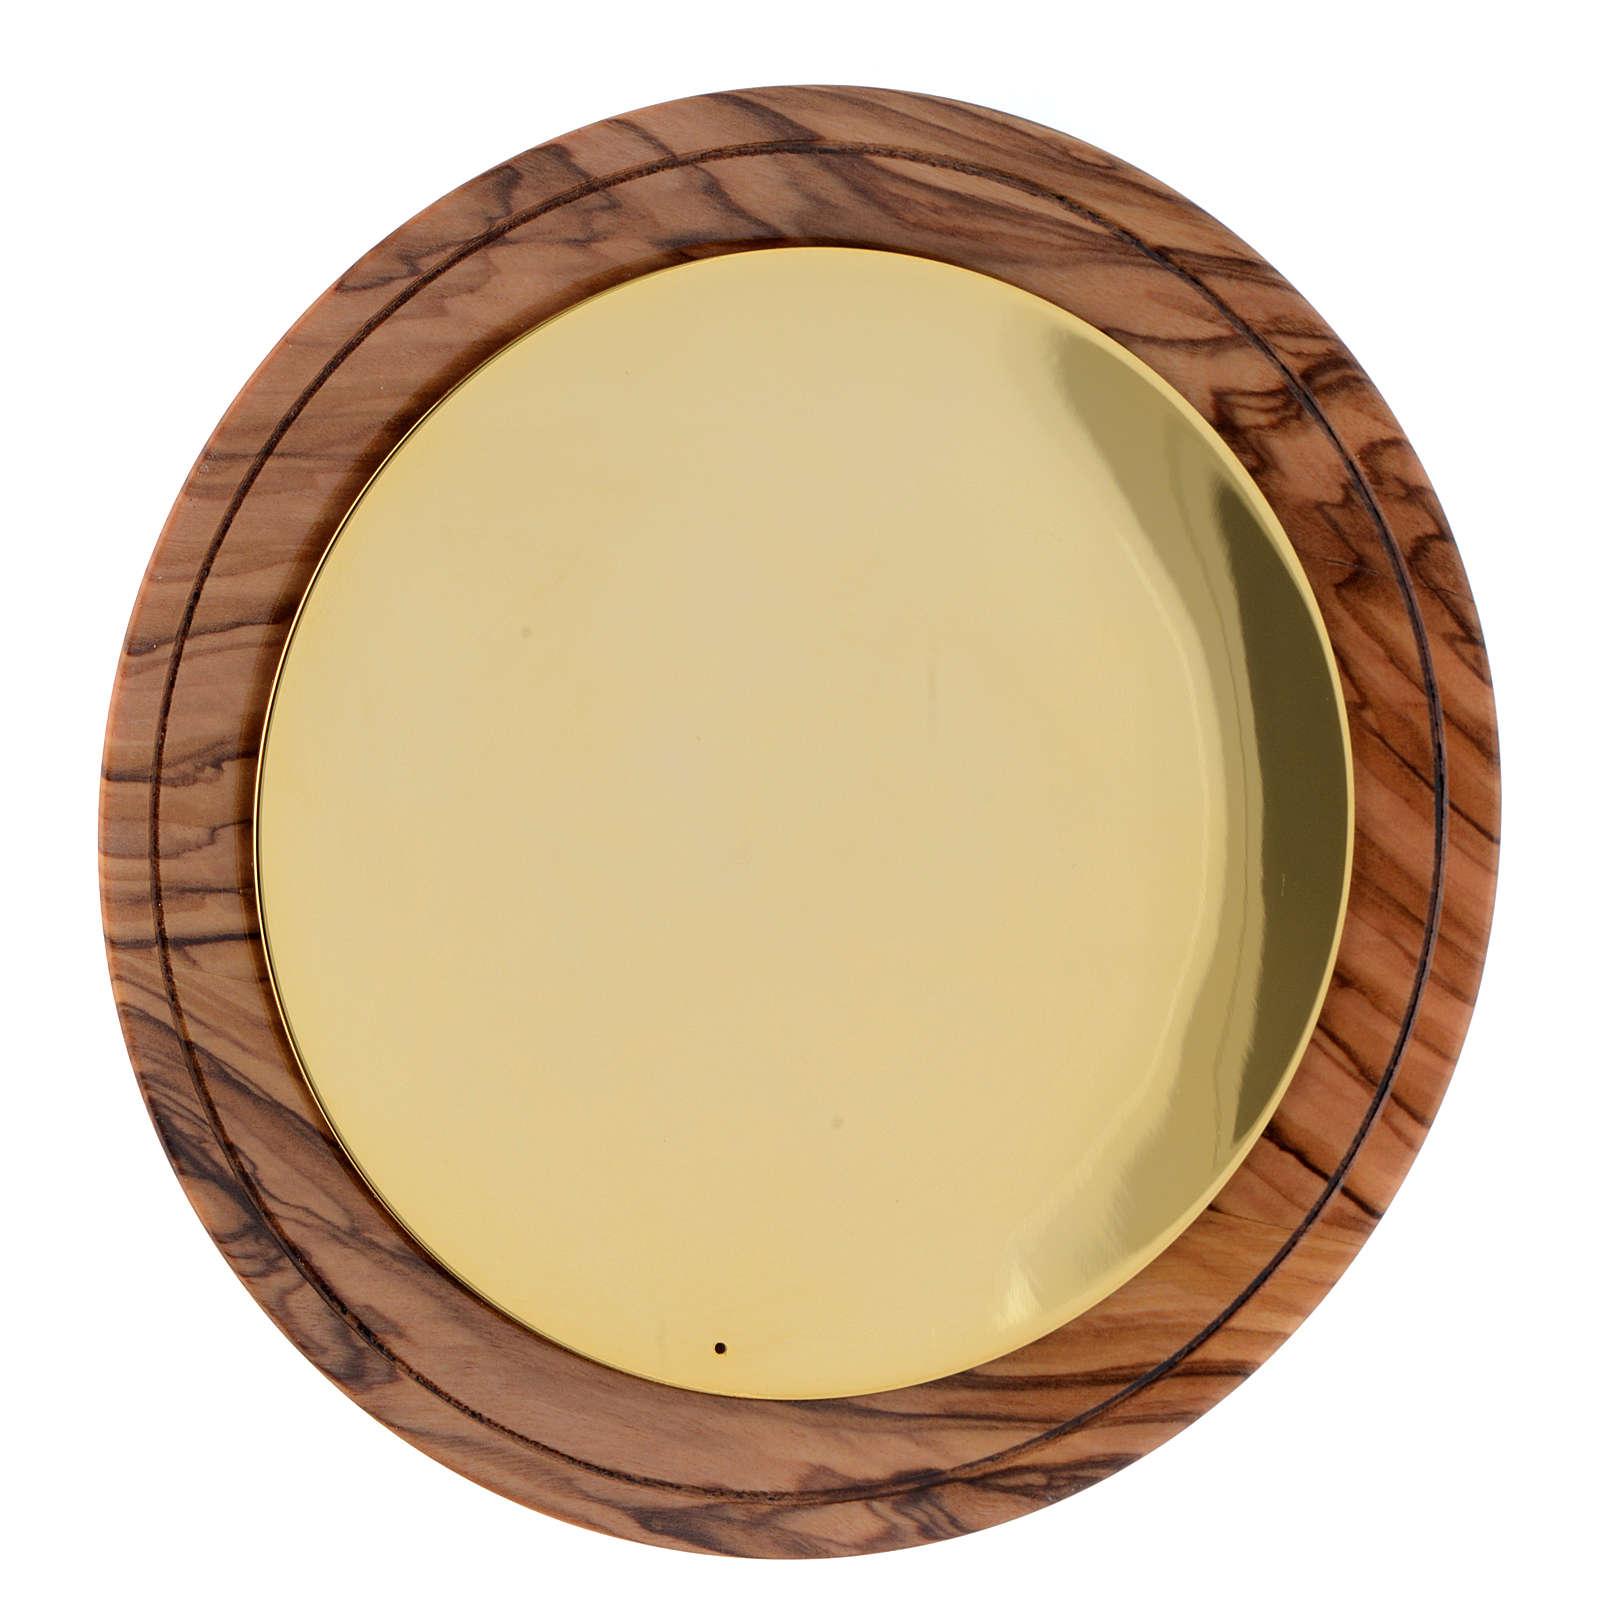 Patena piattino legno olivo Terrasanta e ottone 4